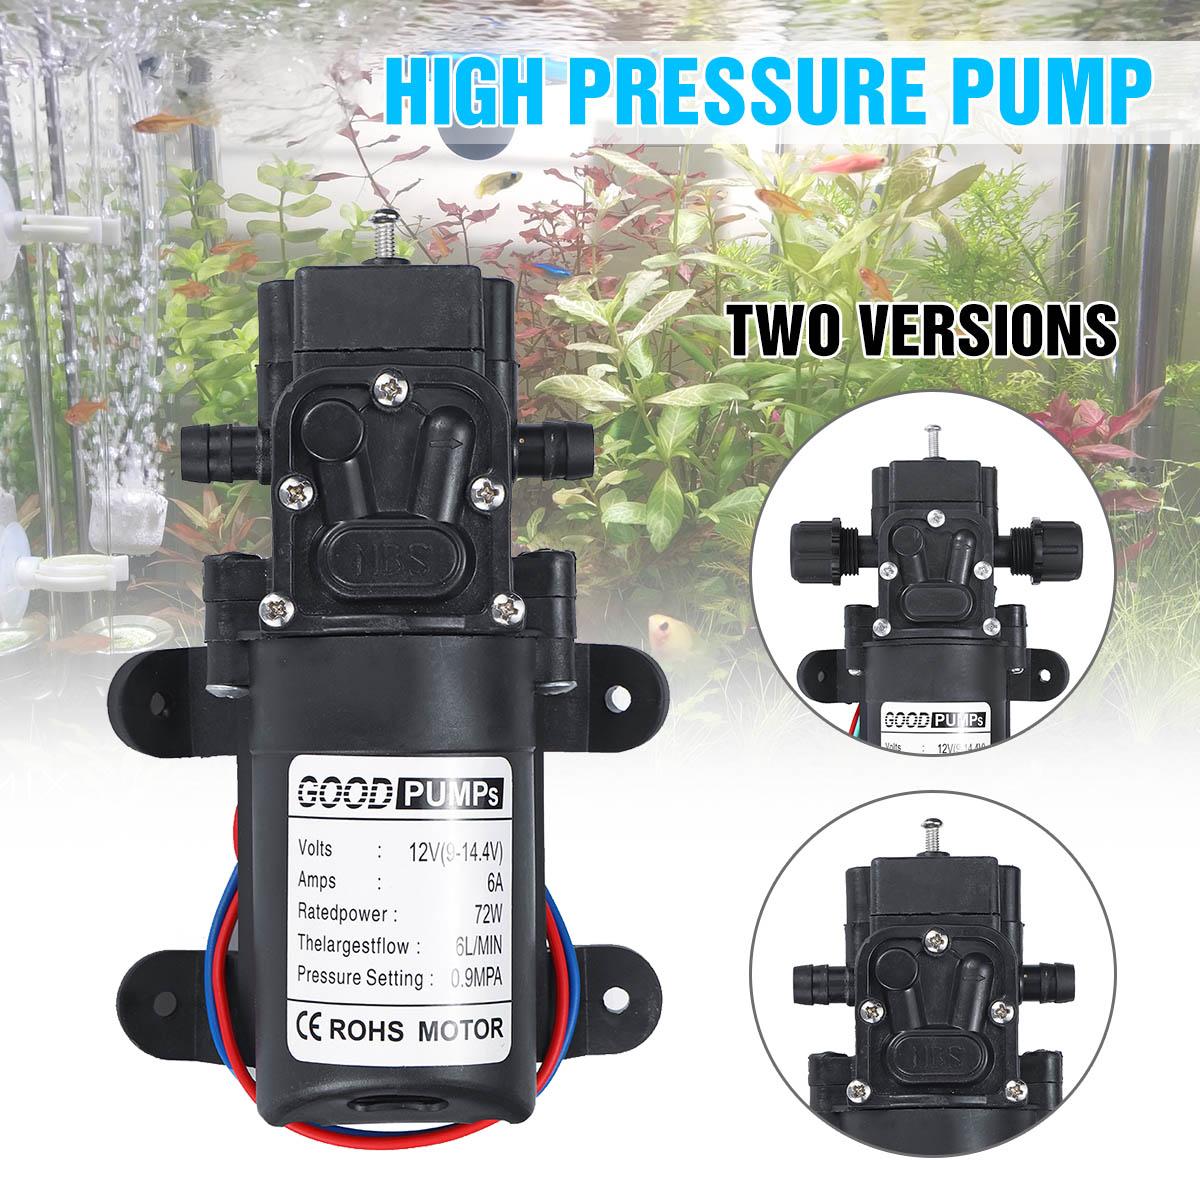 70 Вт 6Lpm мембранный рефлюксный тип мини водяной насос высокого давления автоматический переключатель 12В насос для мойки автомобиля 10 мм насос для орошения